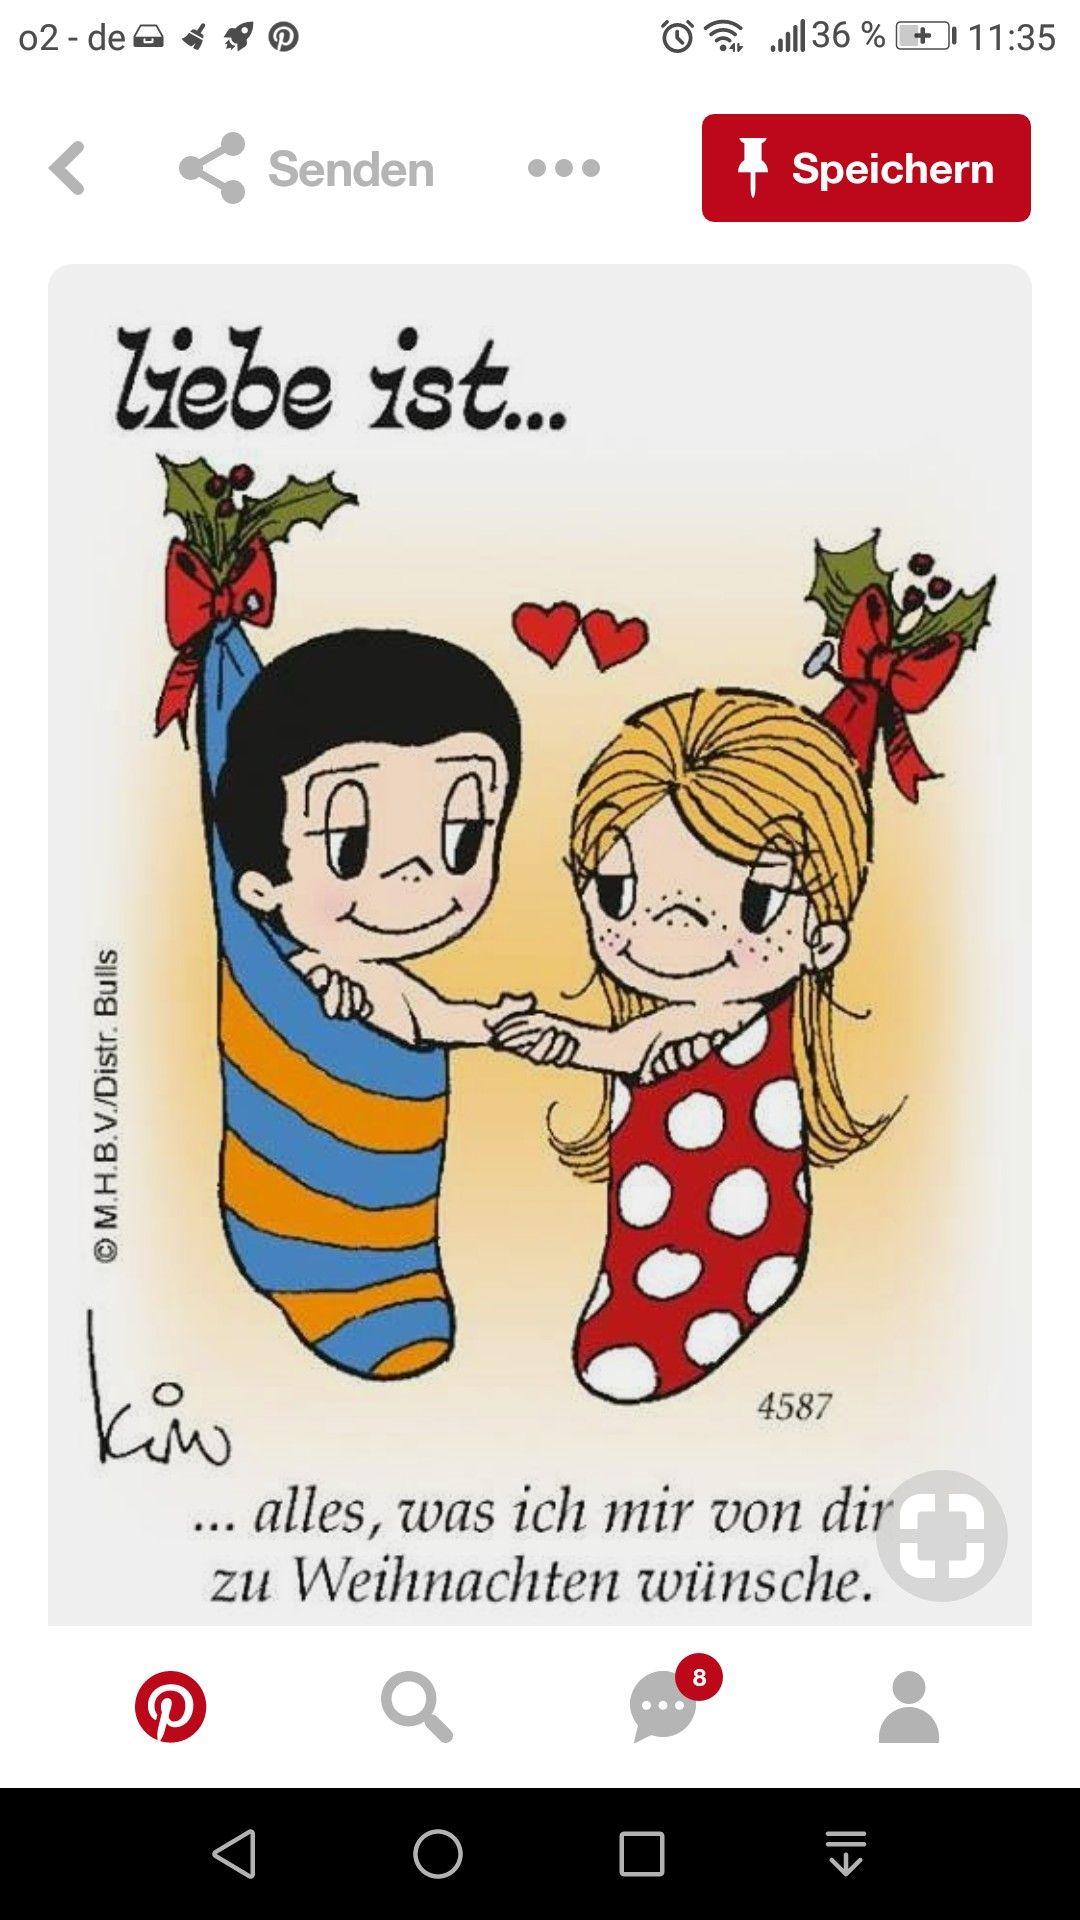 2 Weihnachten warst Du mein einziger Wunsch-unerfüllt | Liebe ist ...